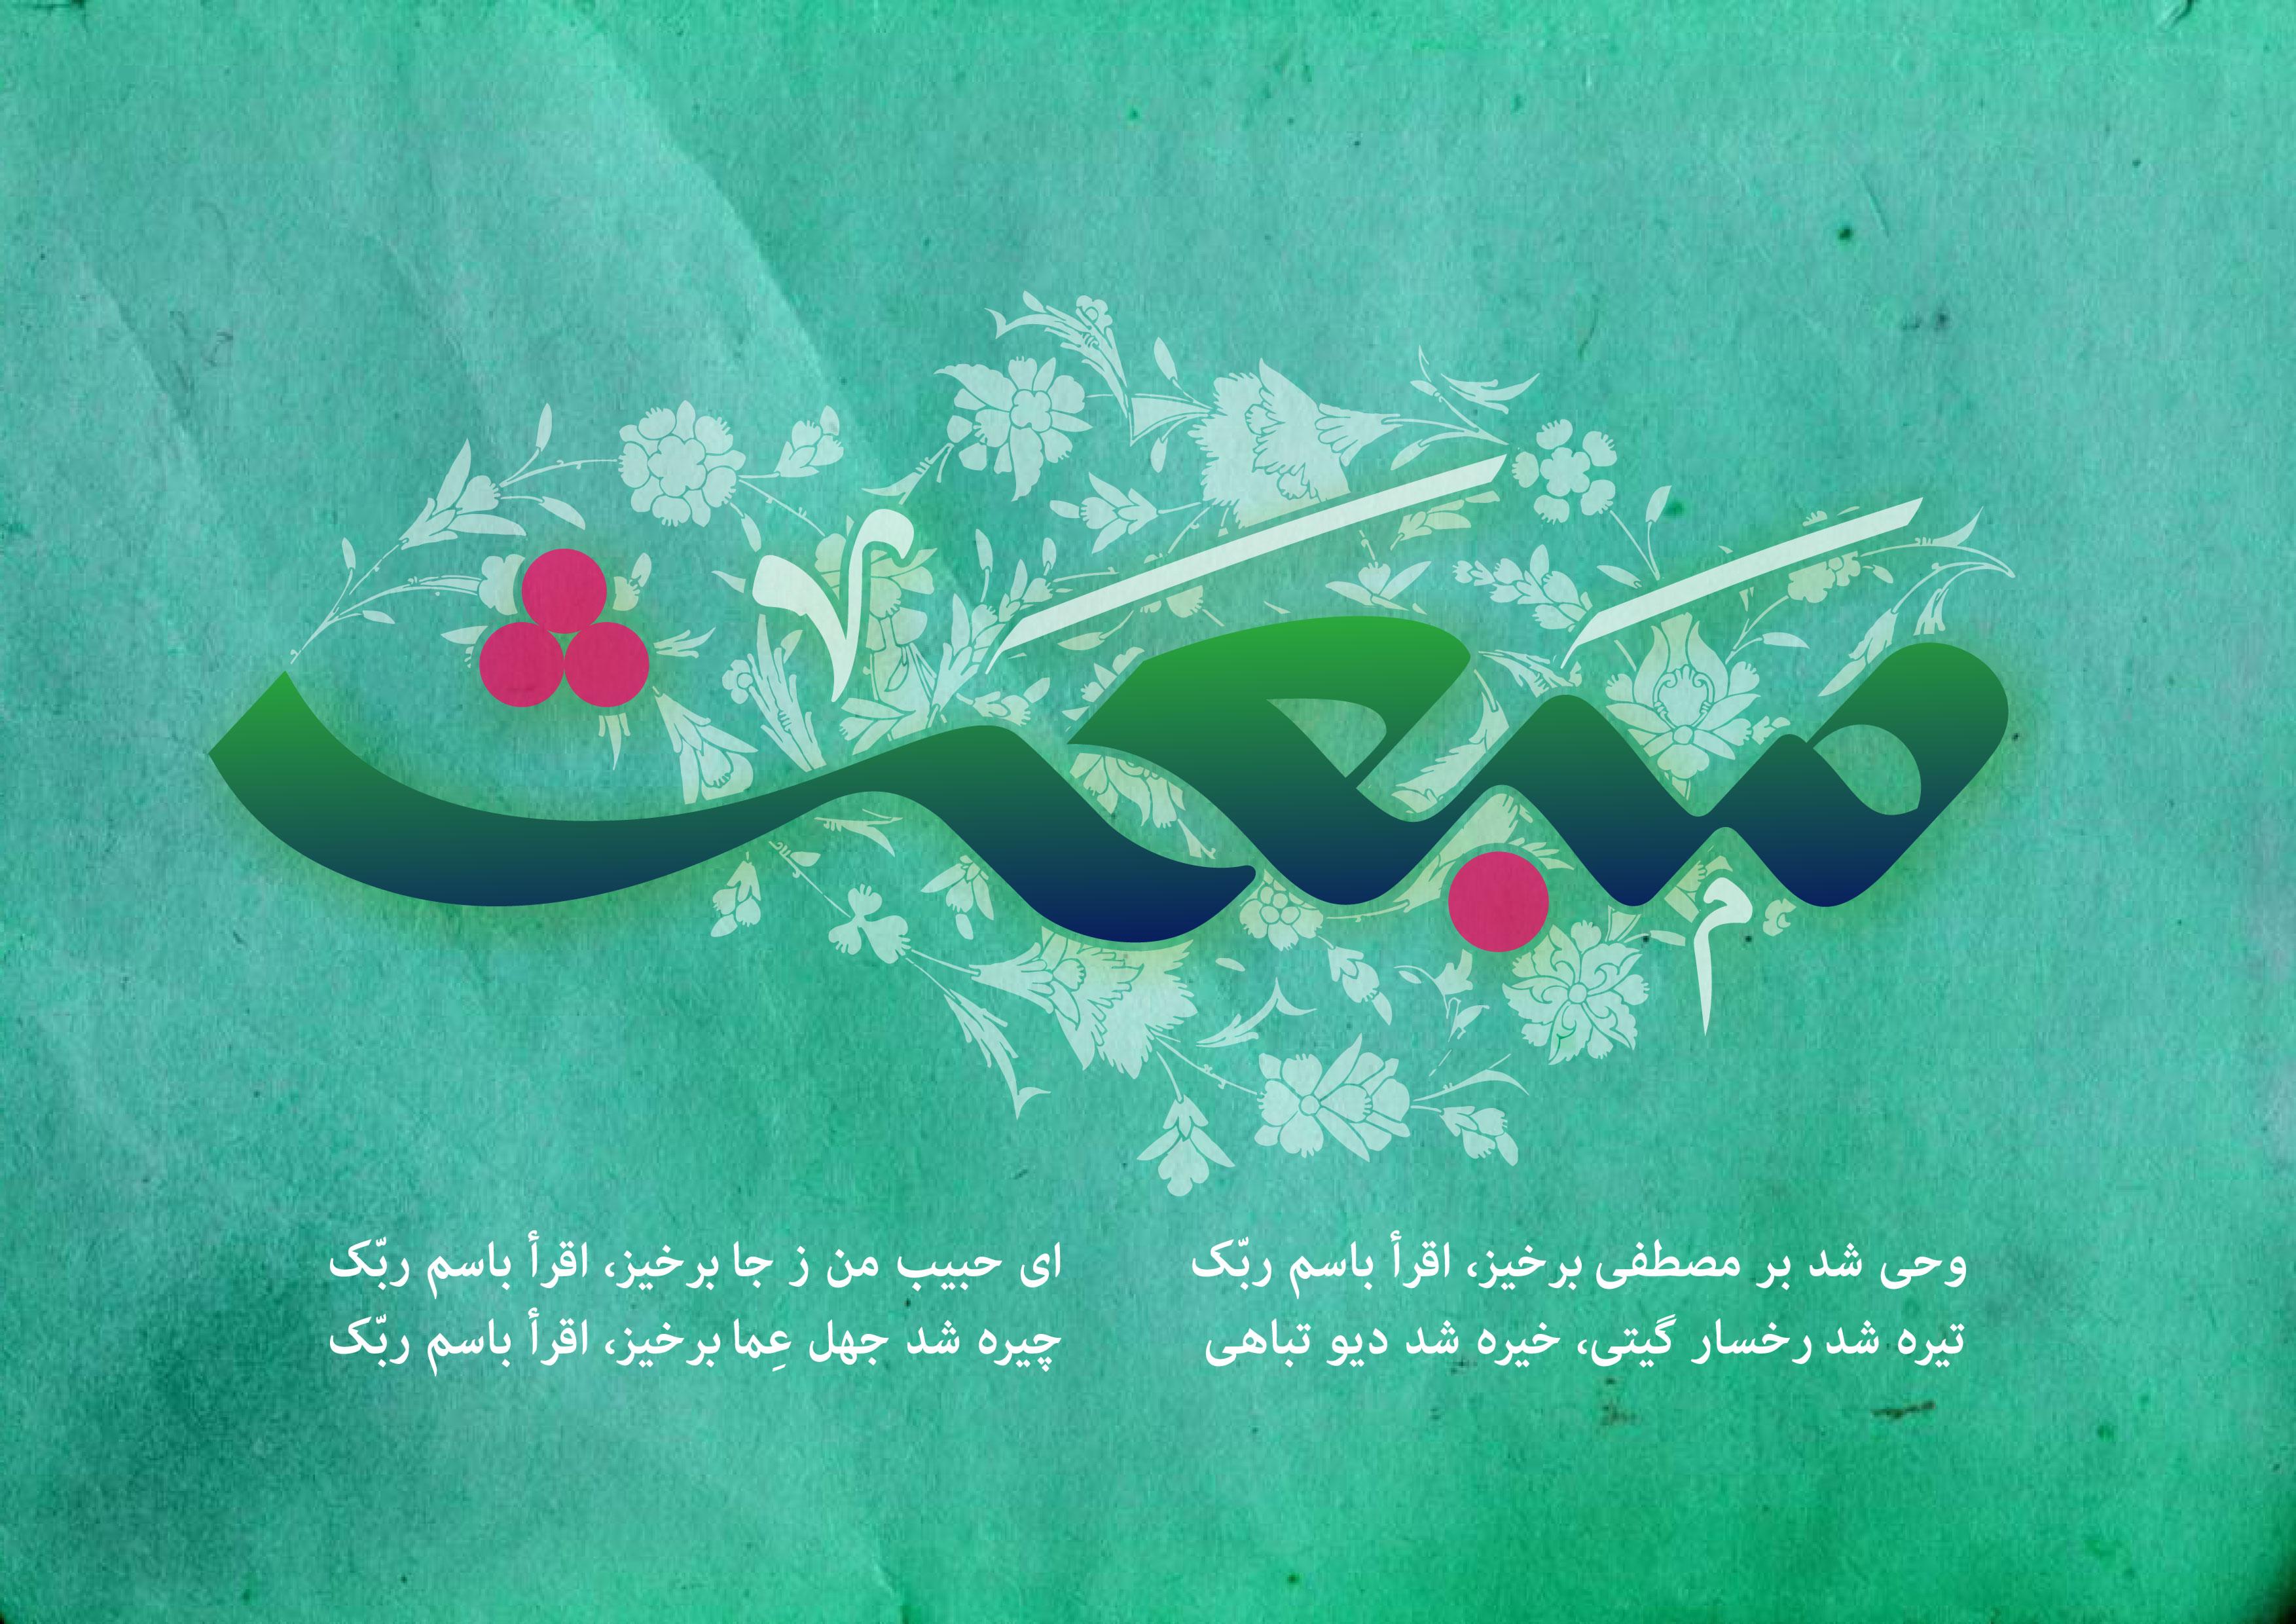 برگزاری جشن بزرگ عید مبعث در شاهزاده عباس سرچشمه